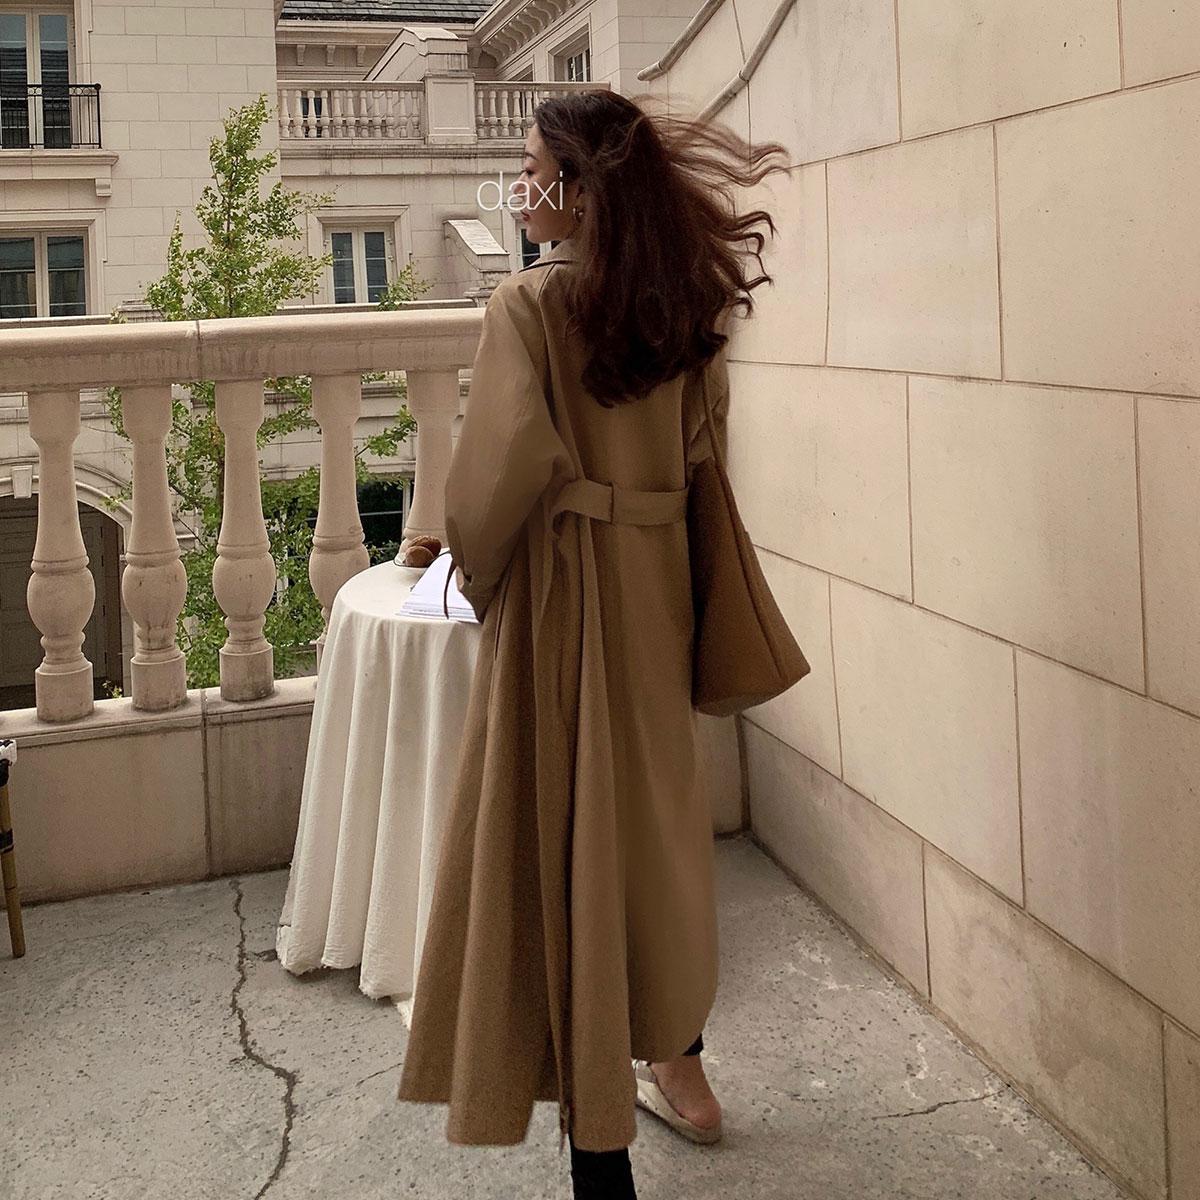 秋新款长袖百搭宽松气质复古翻领单排扣系带短款风衣 2019 大喜自制